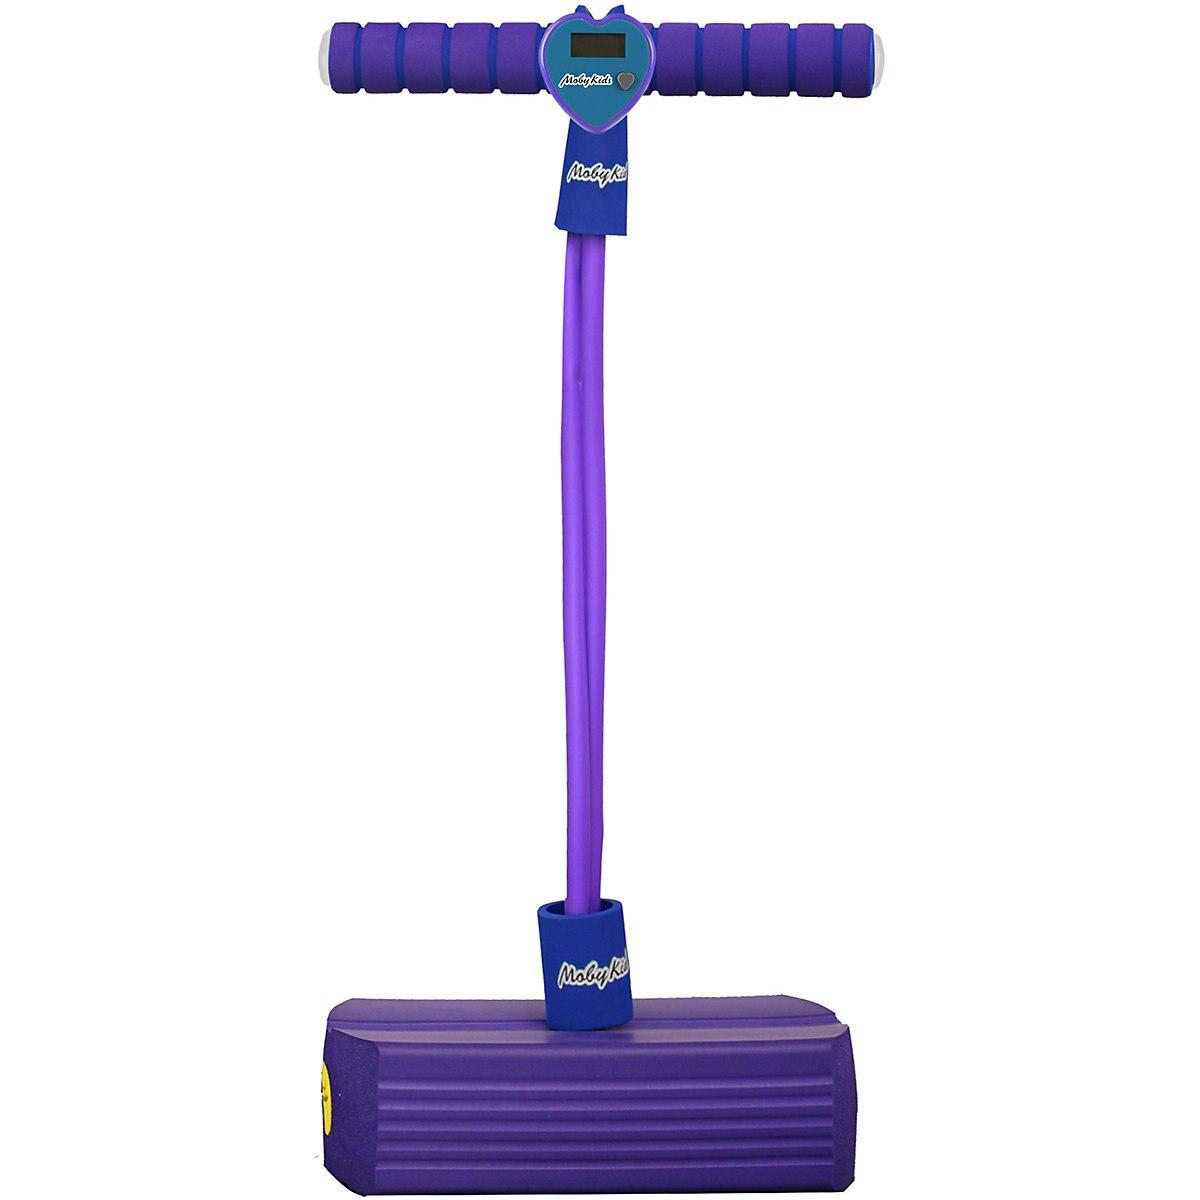 MOBY niños actividad de bebé gimnasio 10263706 juguetes para niños máquina de ejercicio para saltar para niñas y niños MTpromo